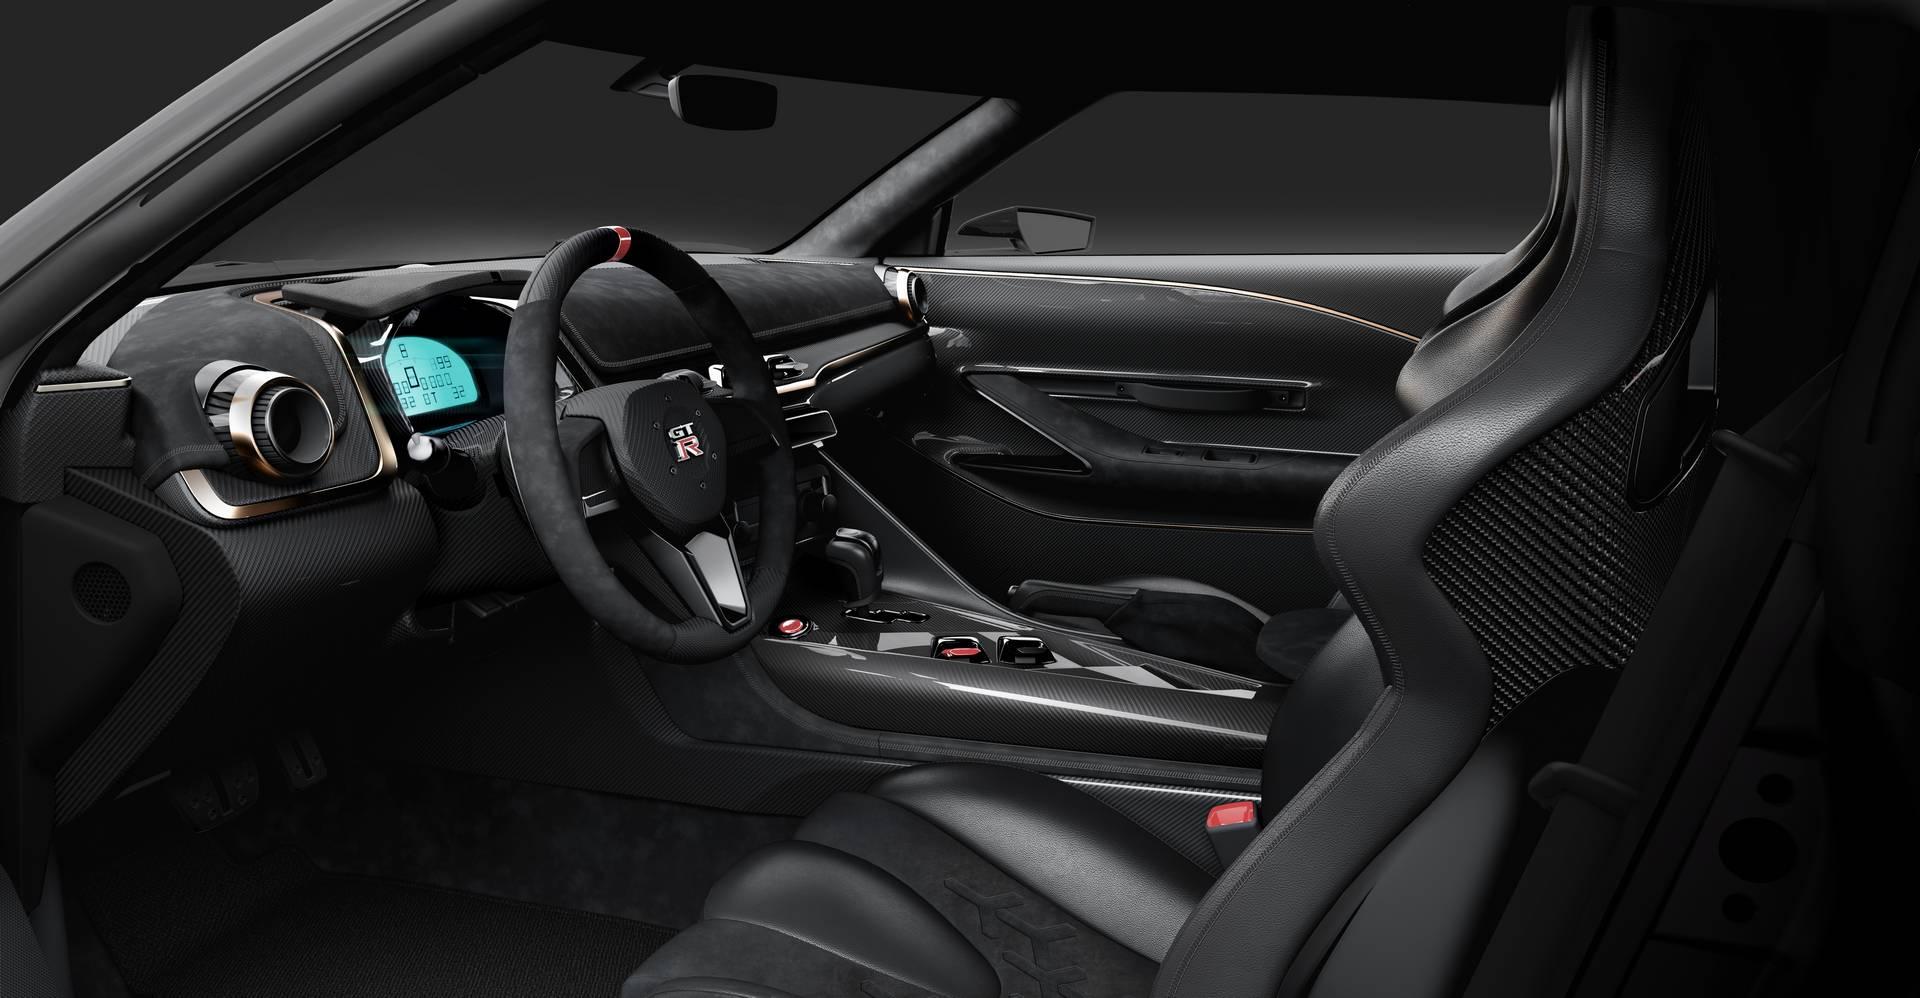 Итальянская дизайнерская и инжиниринговая компания Italdesign недавно анонсировала уникальный Nissan GT-R, чтобы отметить свой 50-летний юбилей, который, как оказалось, совпадает с юбилеем Nissan GT-R!